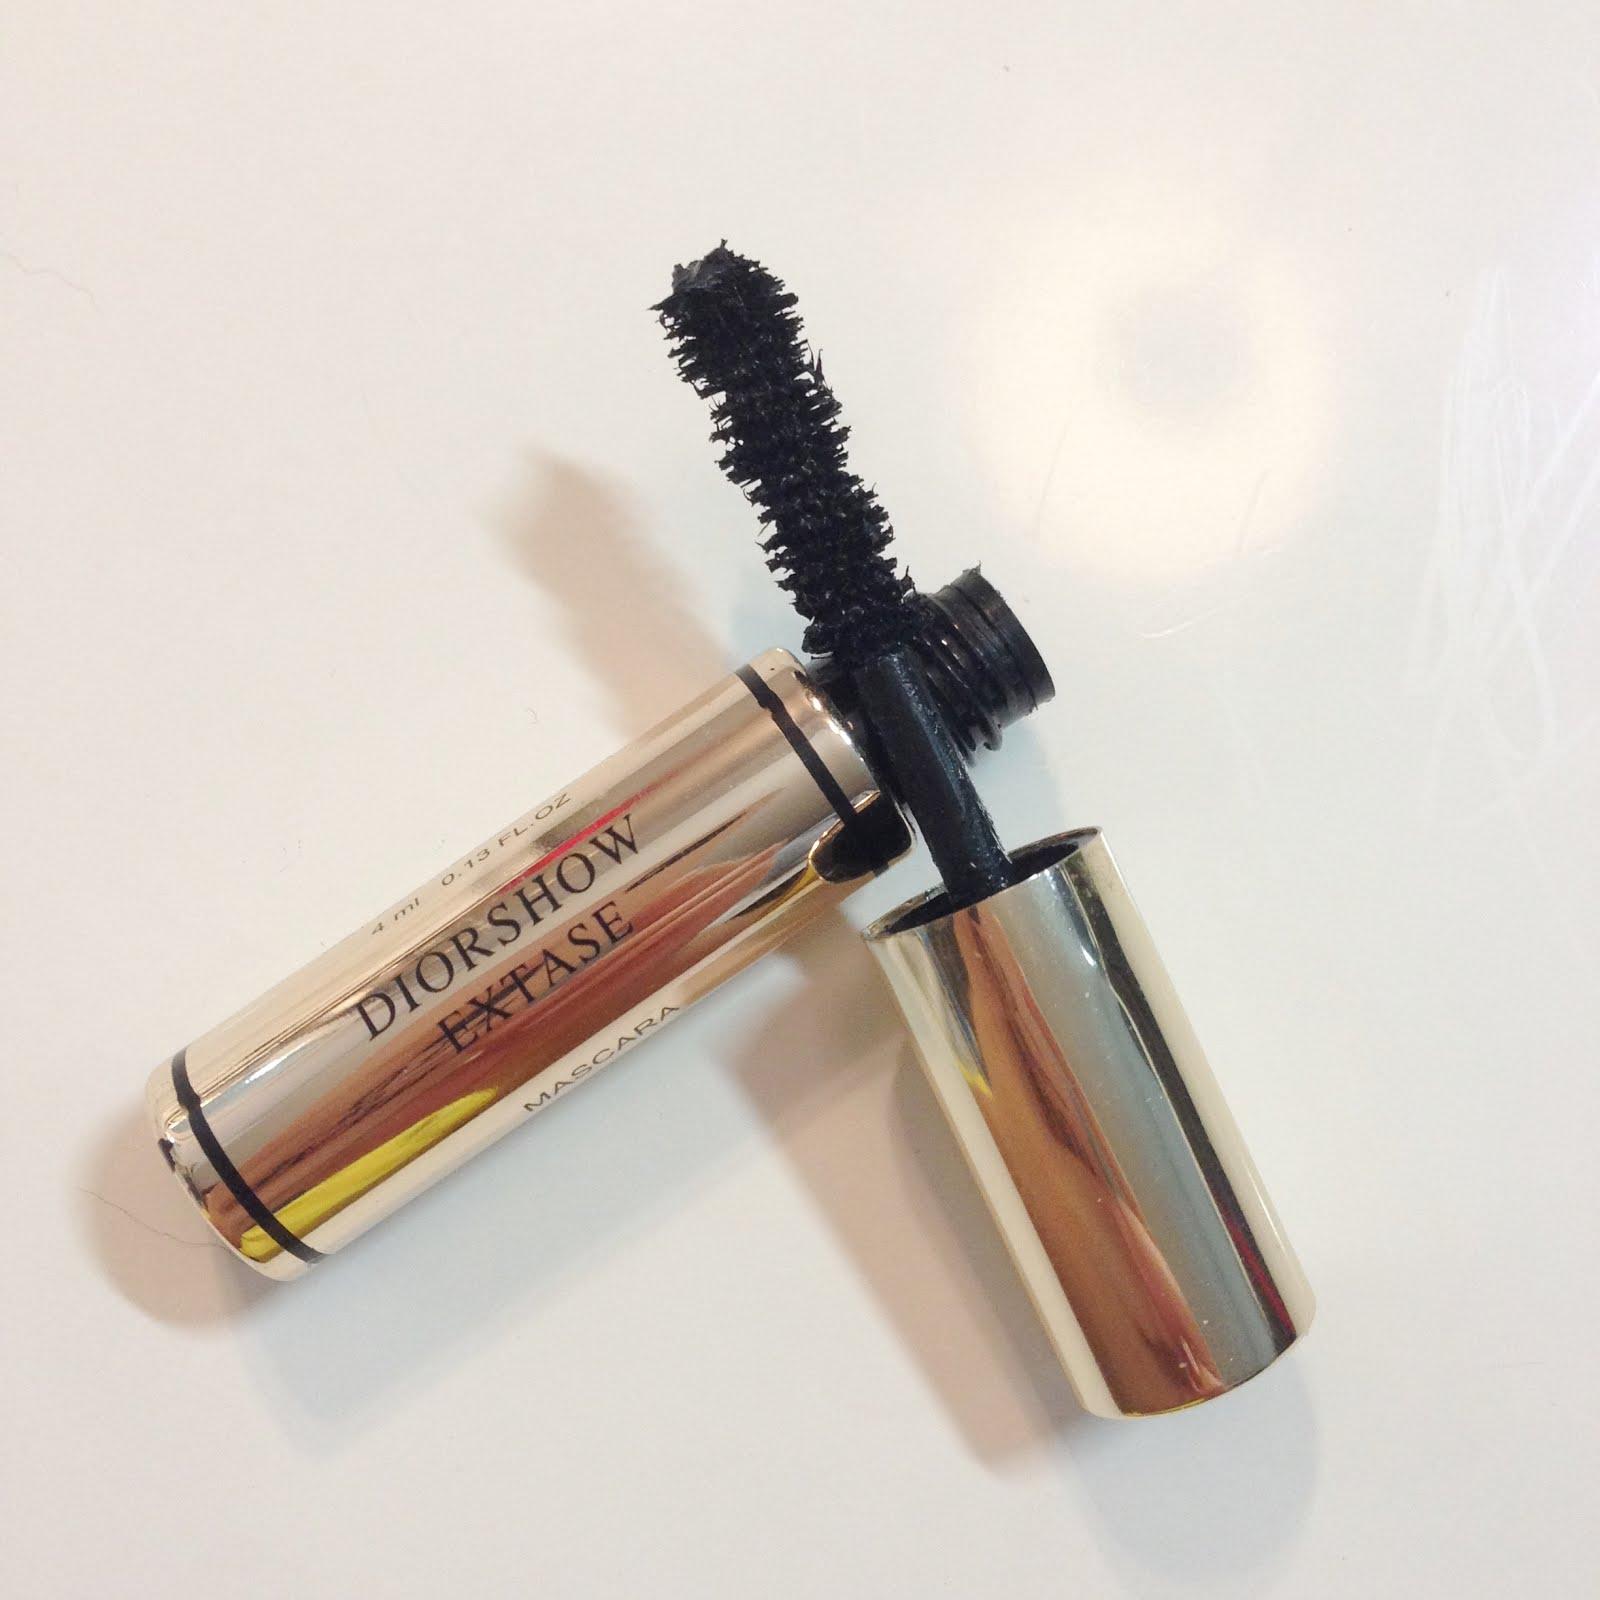 makeupbypapot: My Makeup Stash: Mascaras